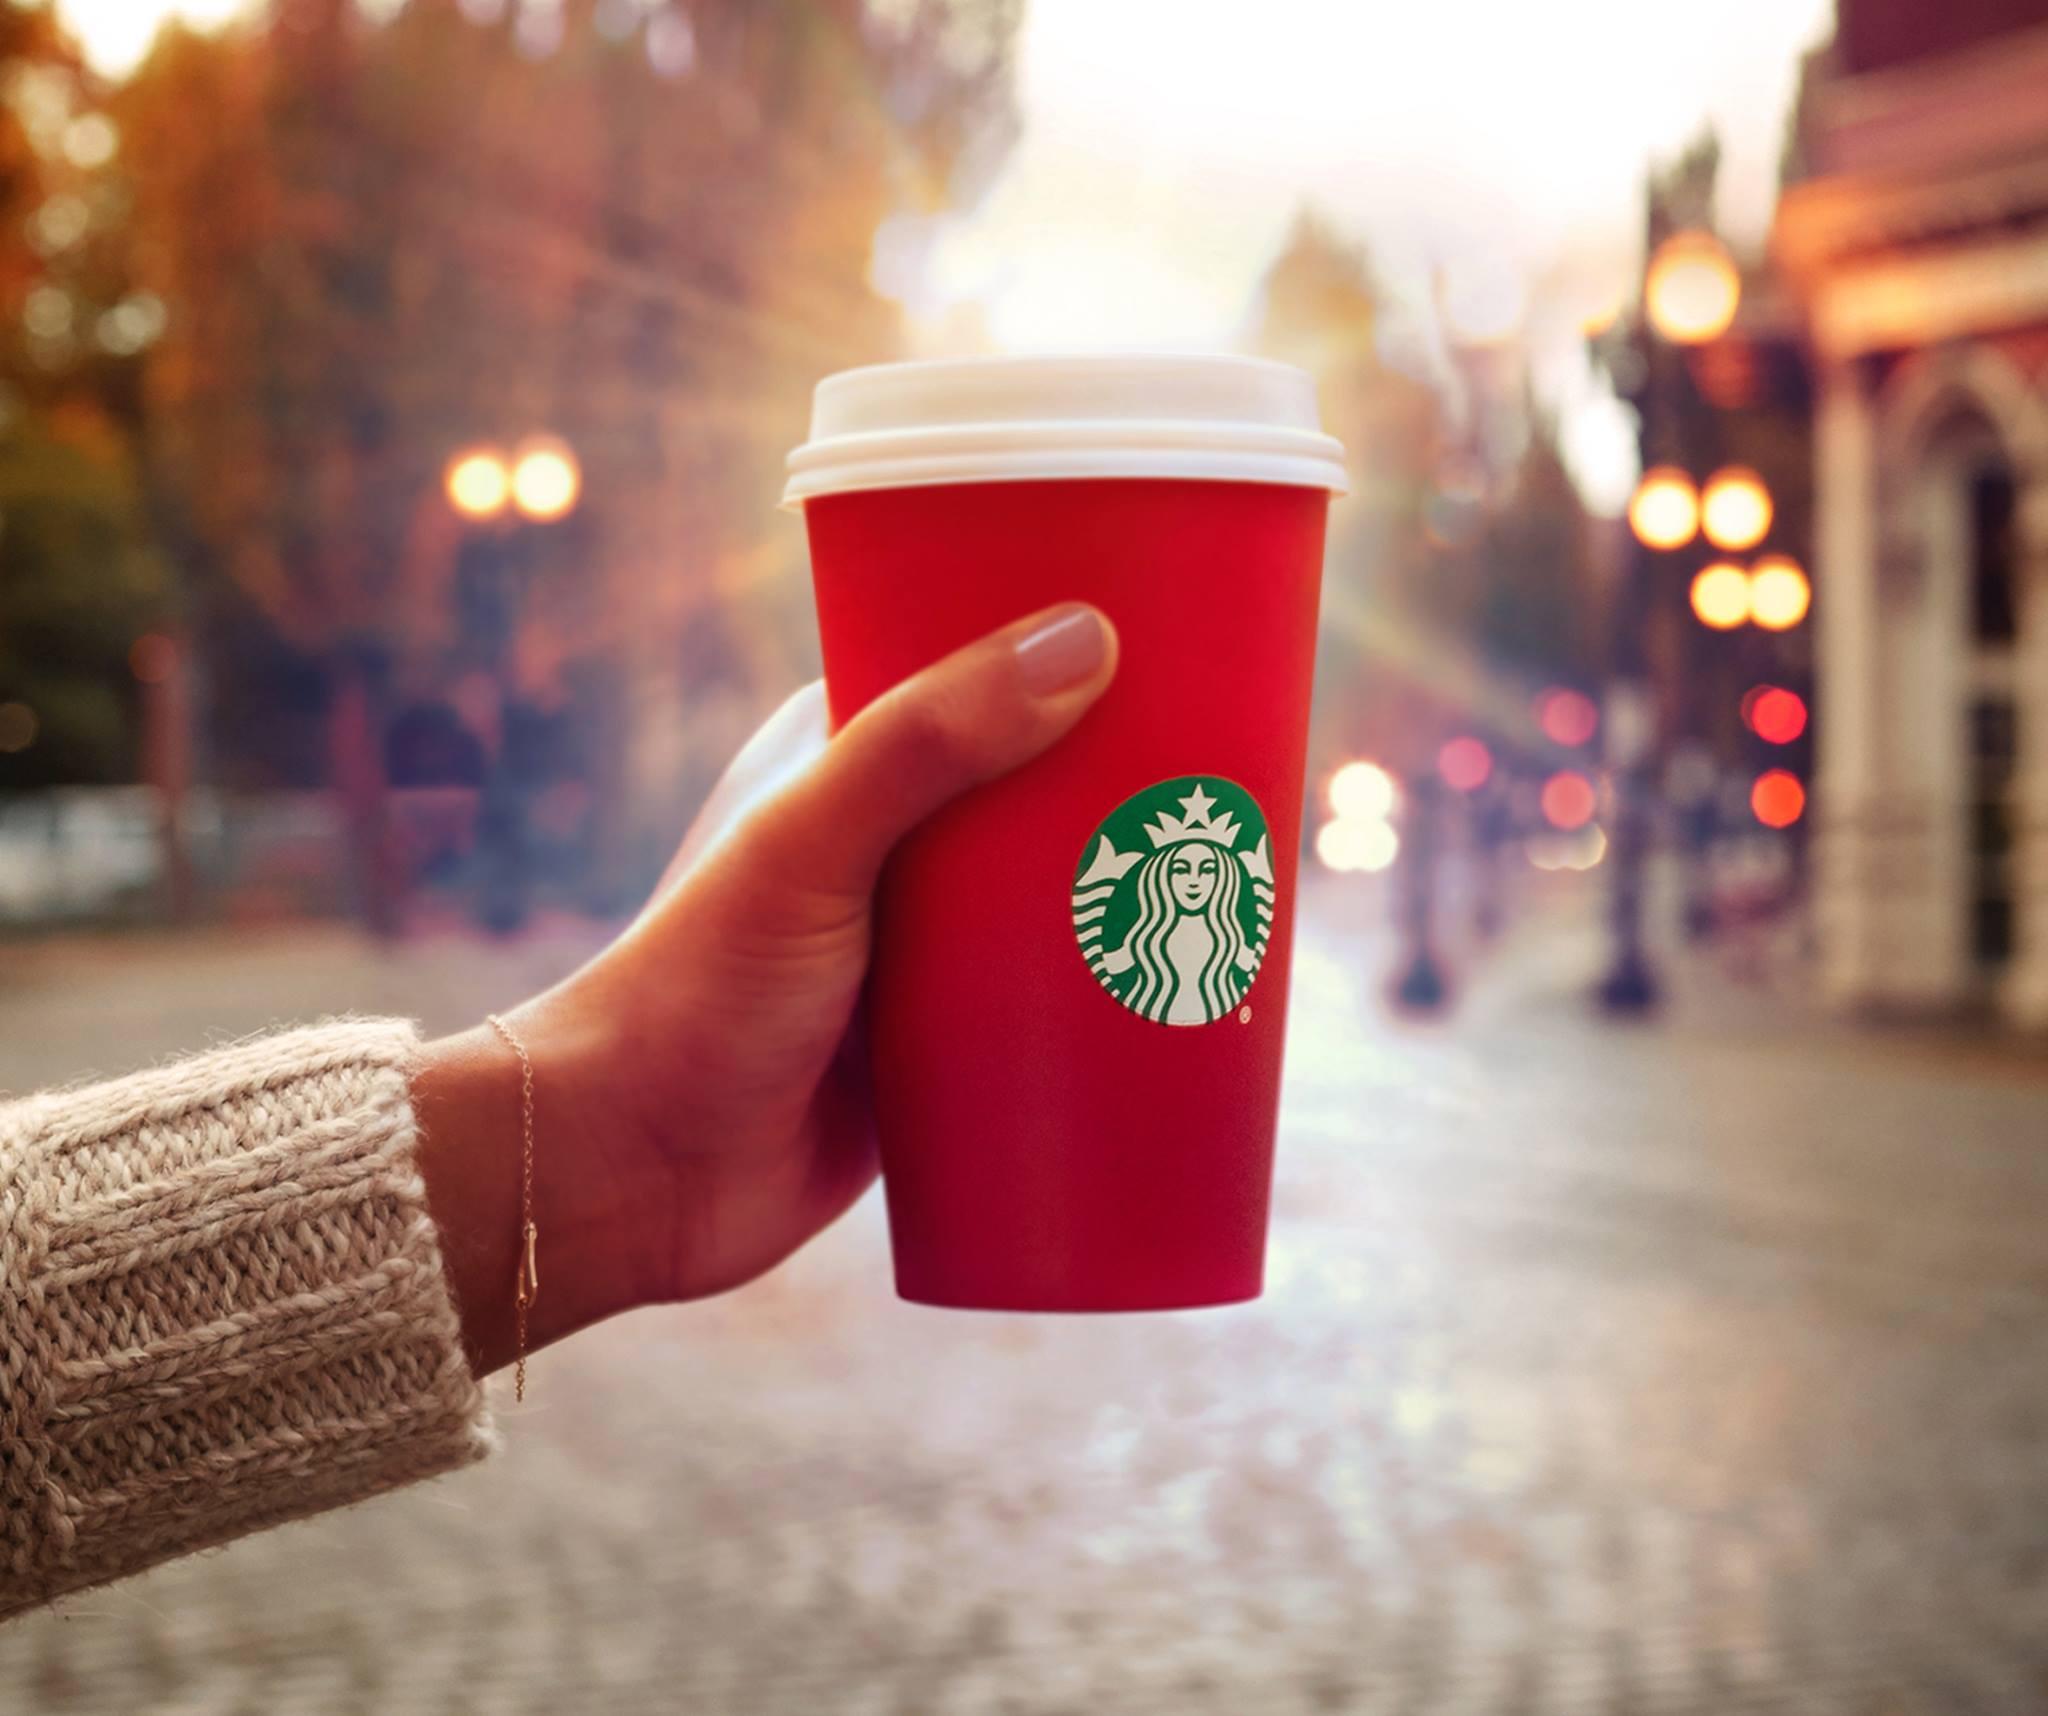 每年接近聖誕節的時候 星巴克都會改用冬季應景的紅色紙杯 像是在杯子加上雪花、圍巾等元素 但是你們有沒有發現今年的紅杯有什麼特別的???